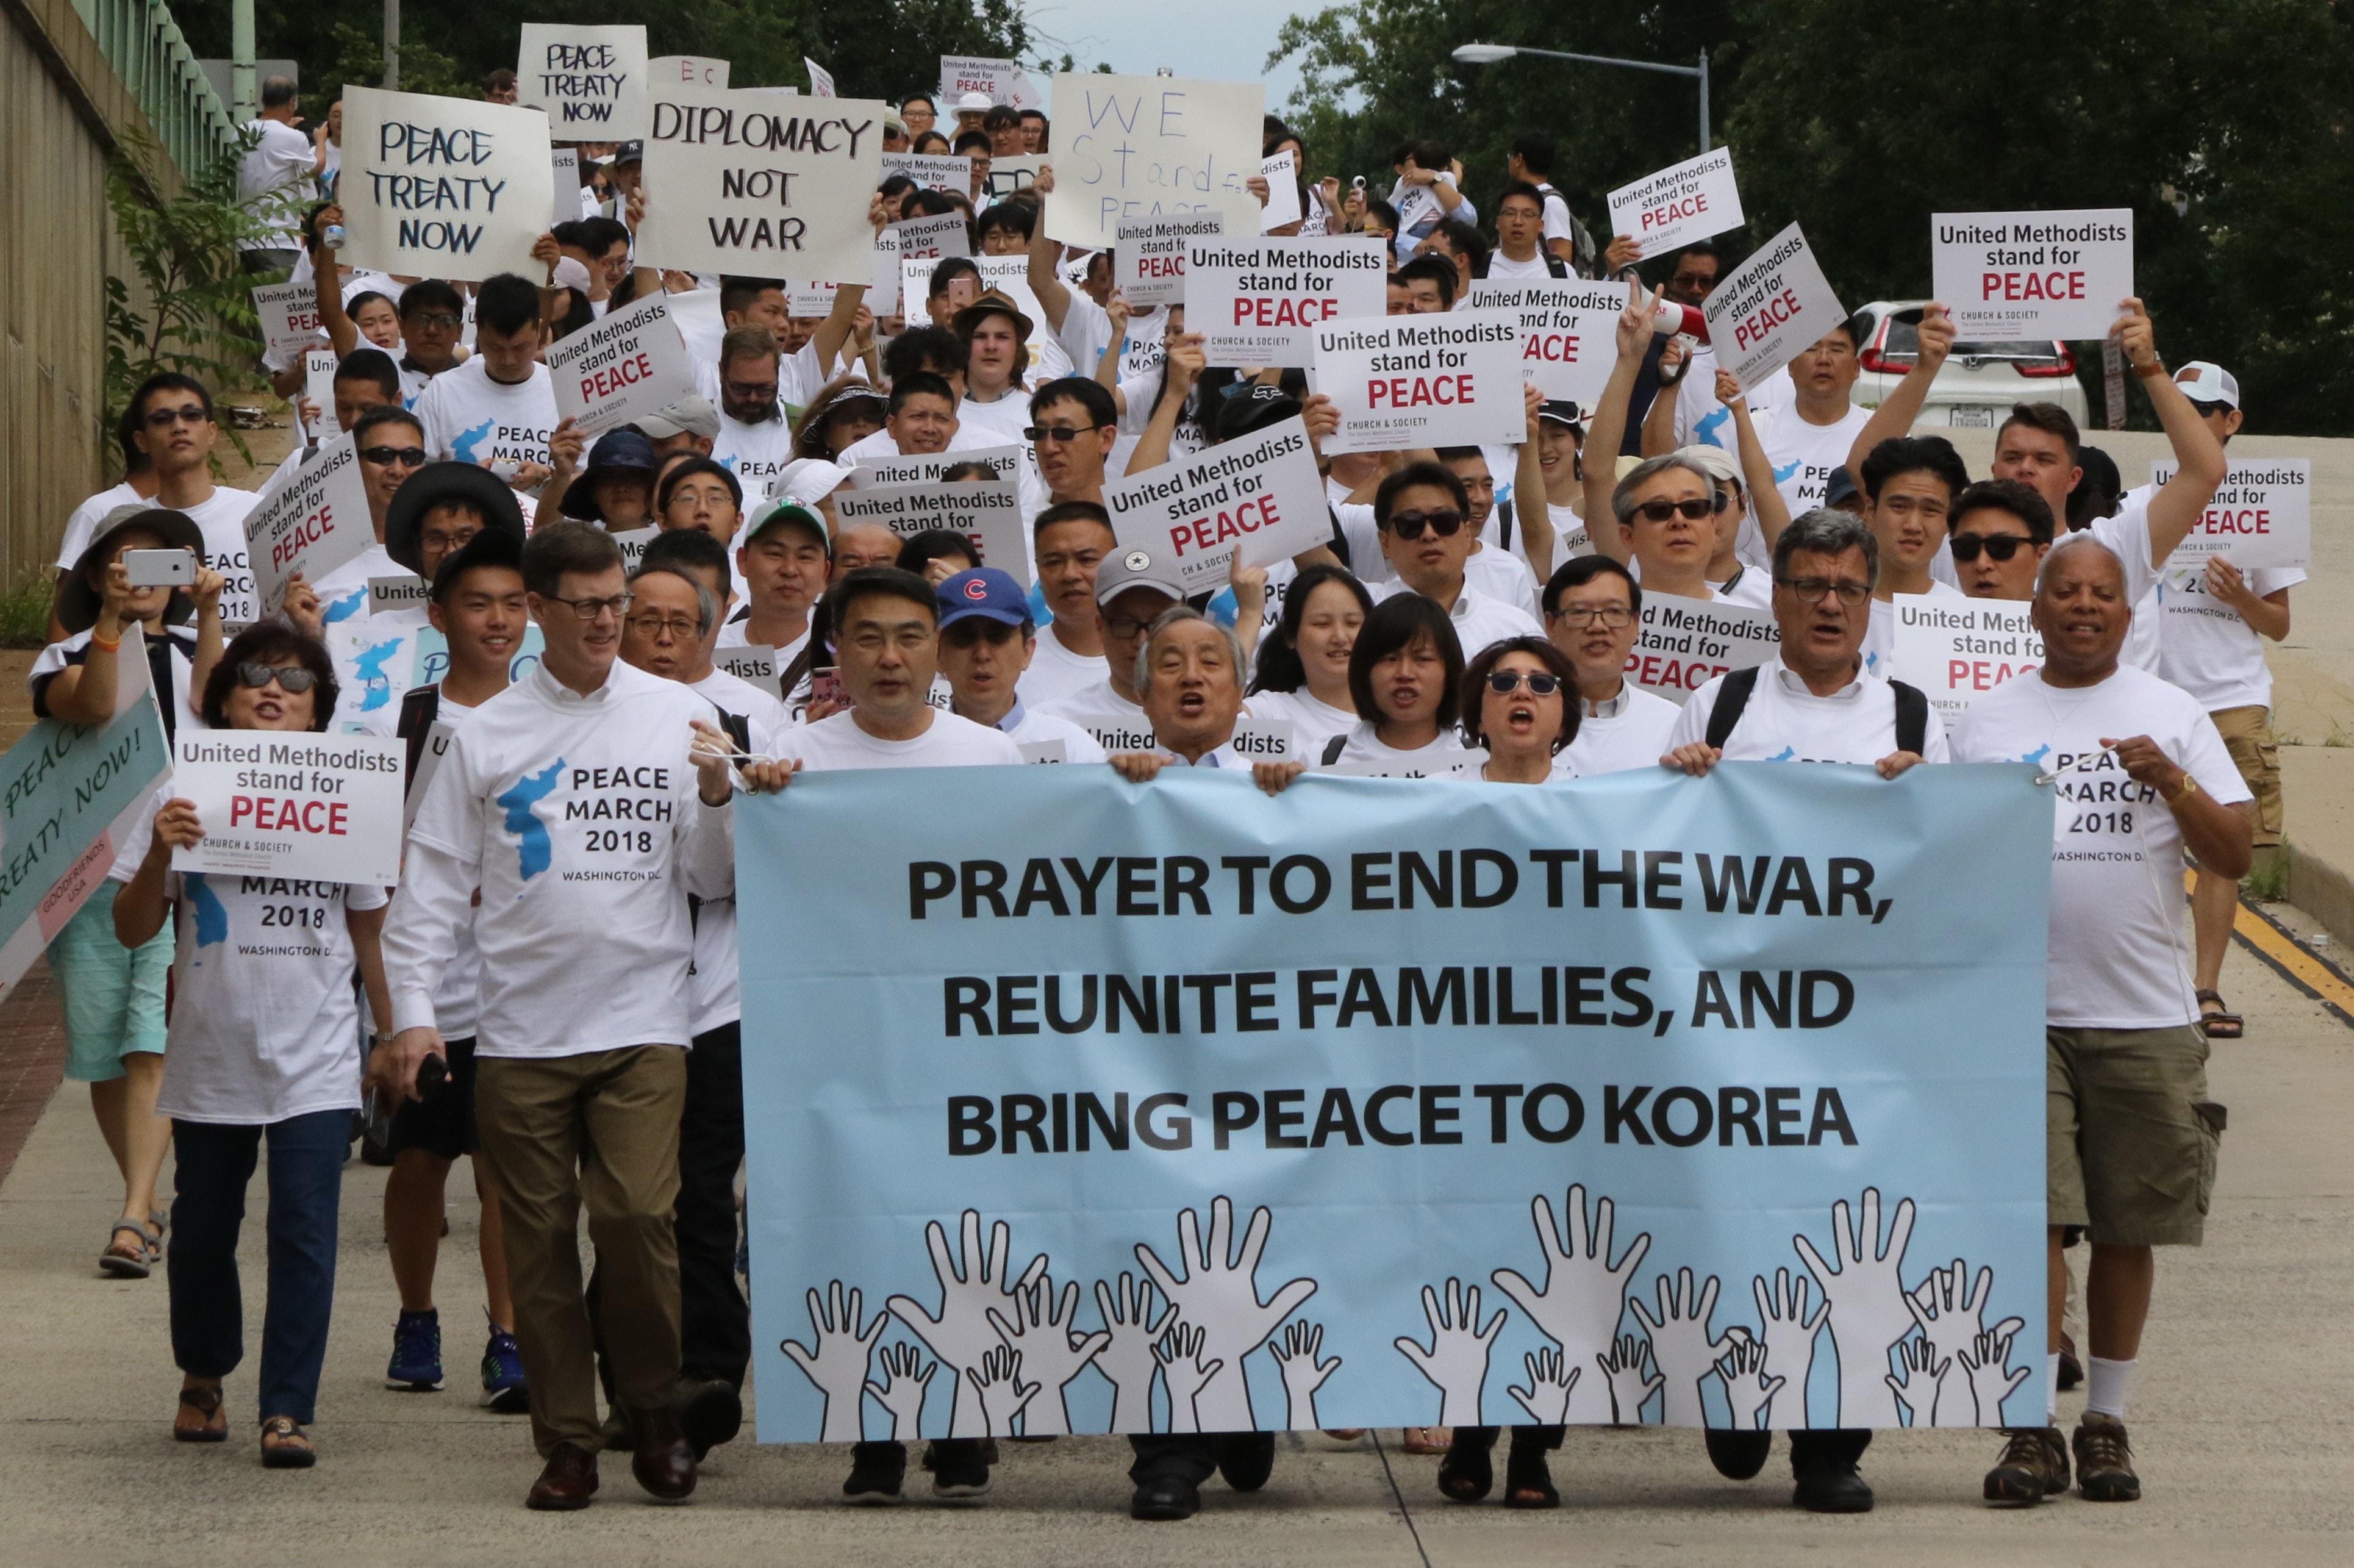 2018년 8월 와싱턴DC에서 열린 평화축제 참석자들이 전쟁상태 중단, 가족 상봉, 그리고 한반도의 평화를 위한 기도를 촉구하며 행진하고 있다. 사진 김응선 목사, 연합감리교회 뉴스.